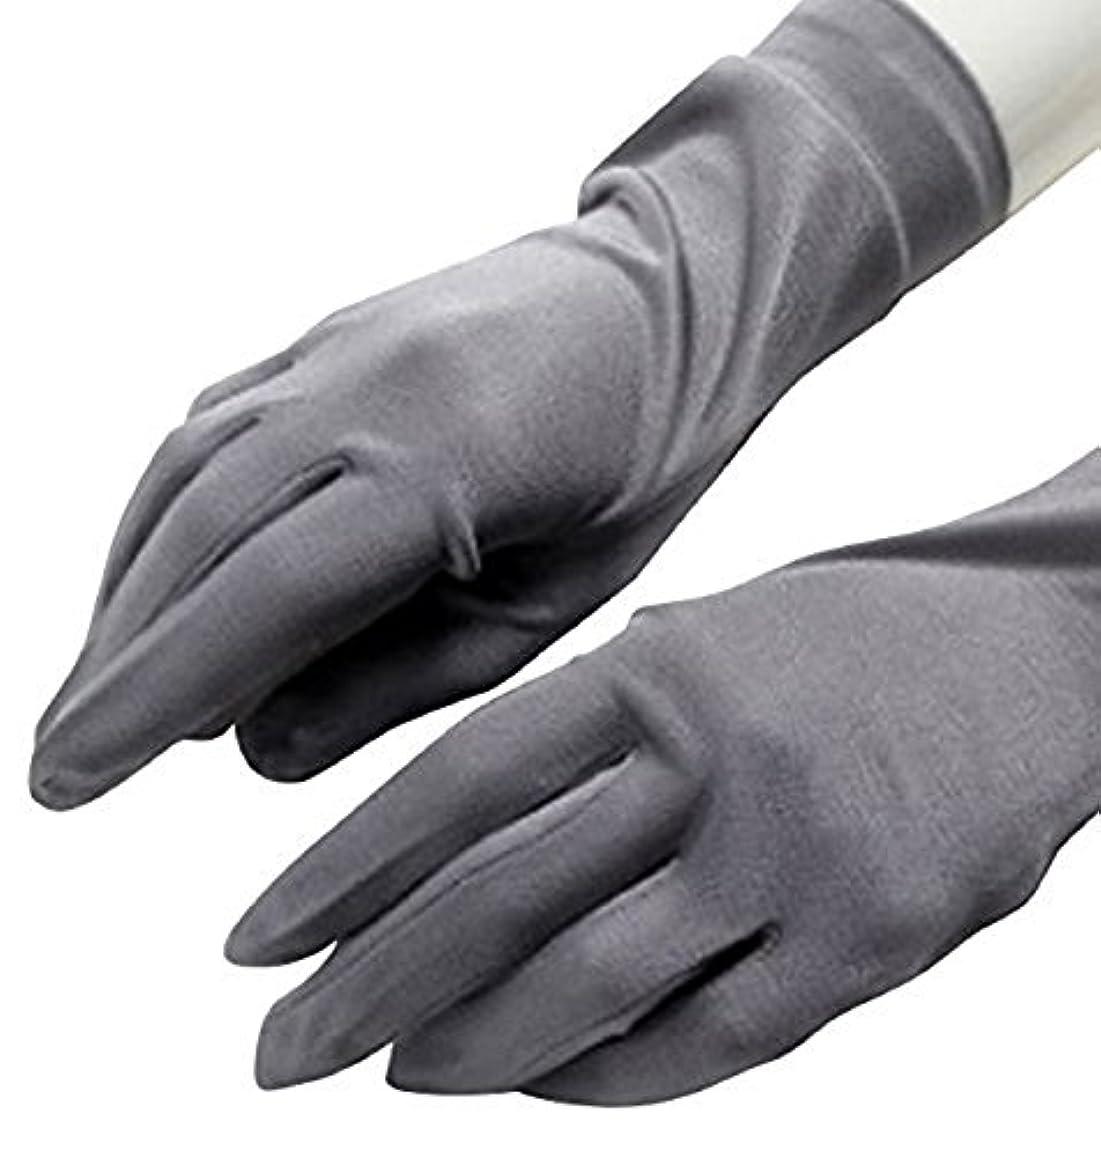 引き出すバウンド反論CREPUSCOLO 手荒れ対策! シルク手袋 おやすみ 手袋 保湿ケア UVカット ハンドケア シルク100% 全7色 (ダークグレー)